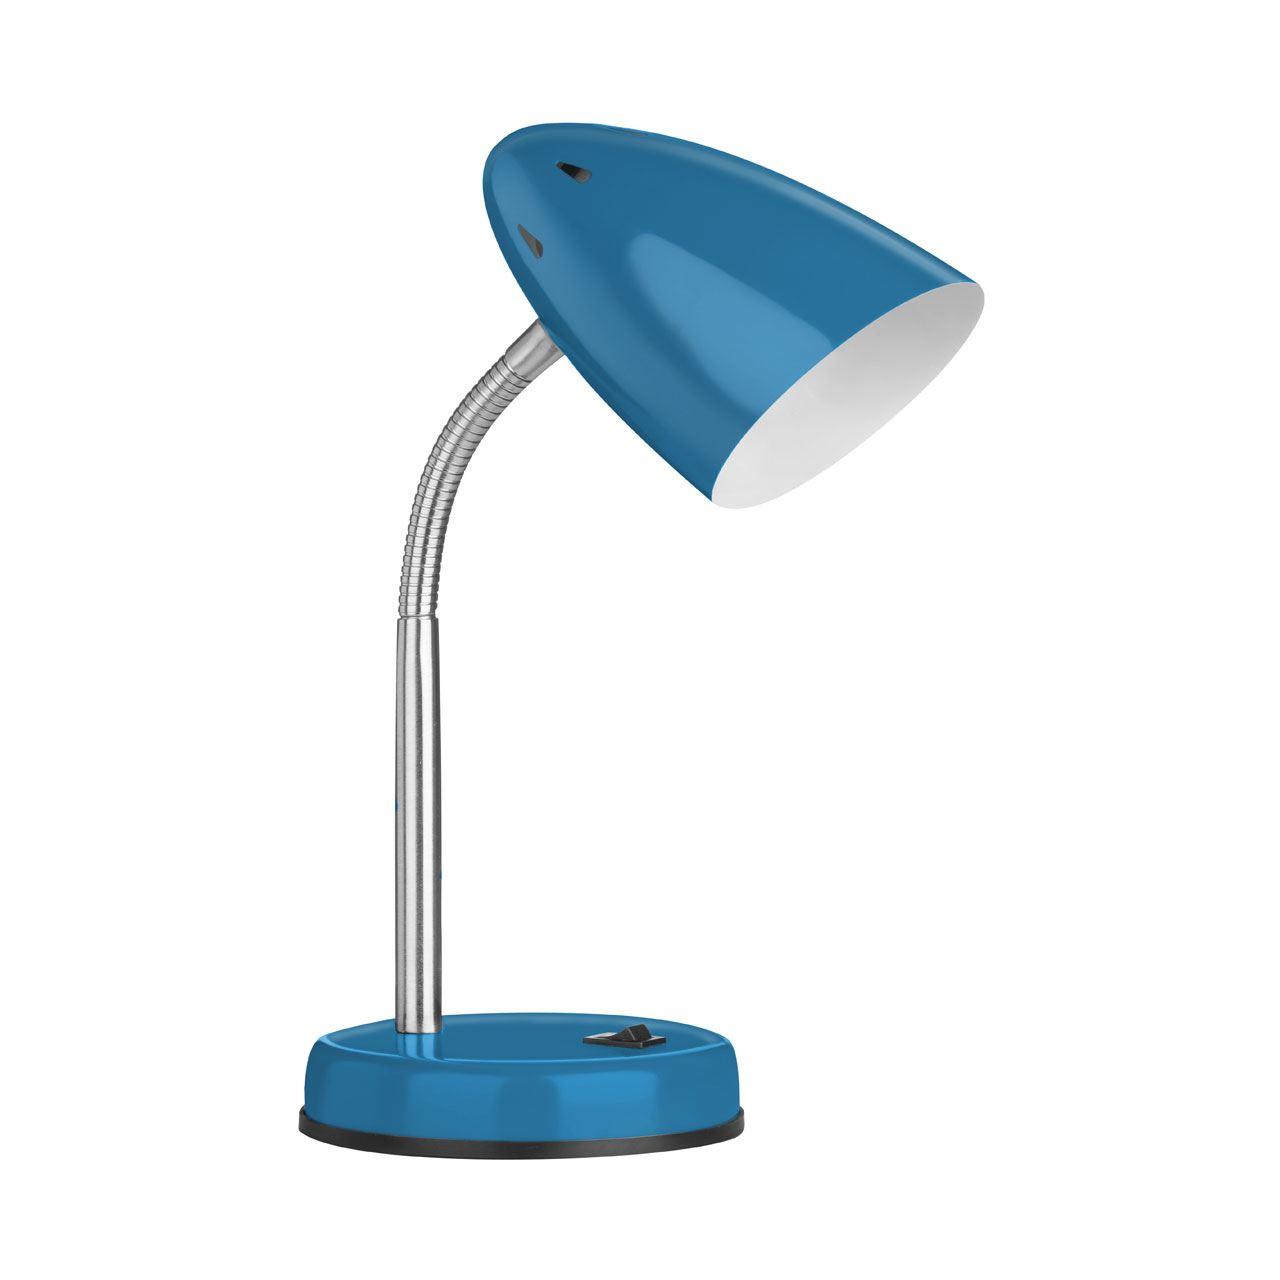 Desk Lamp, Blue Gloss, Chrome Flexible Stem